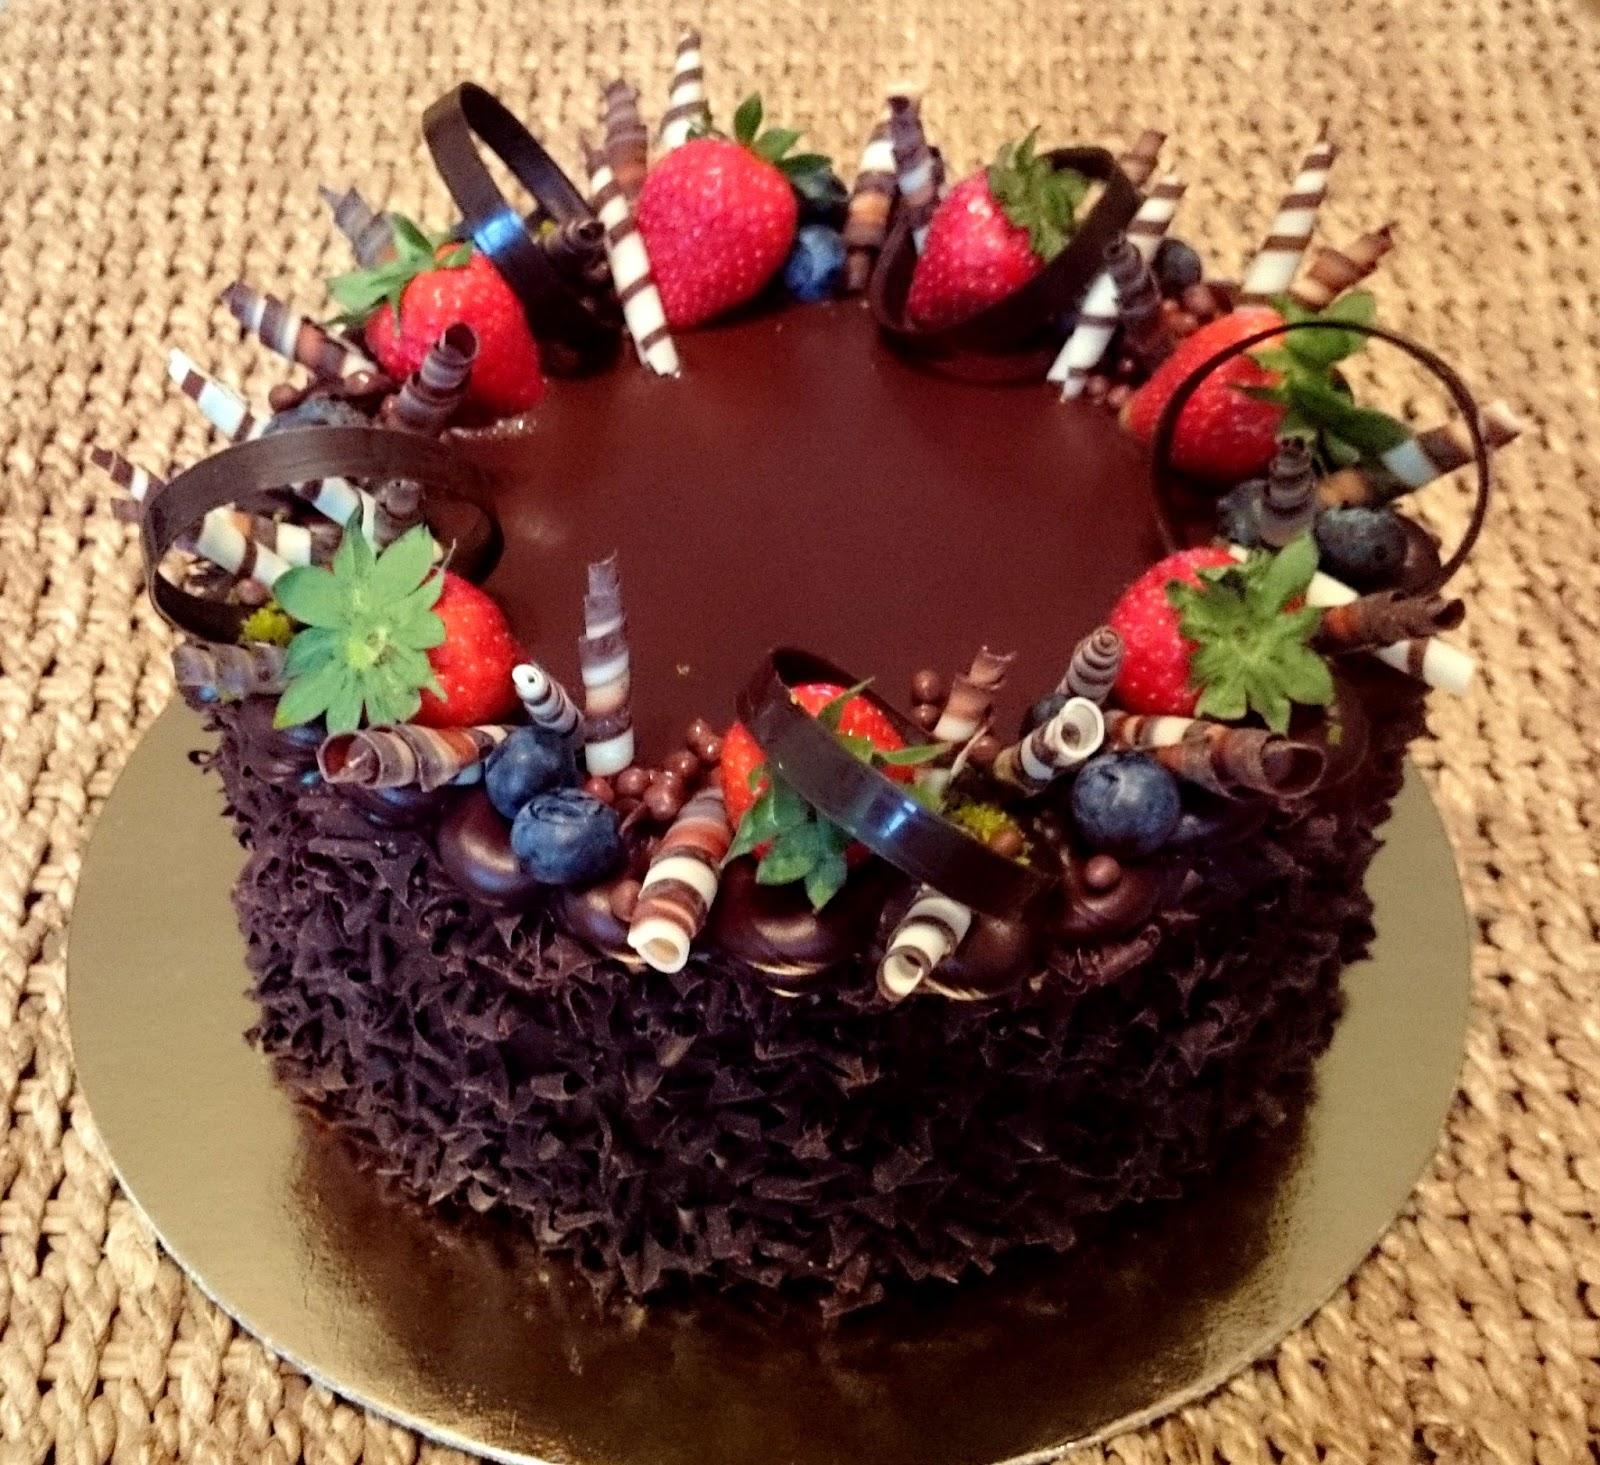 csokoládé torta képek torta és karamell: Krémes klasszikus csokoládé torta recept  csokoládé torta képek